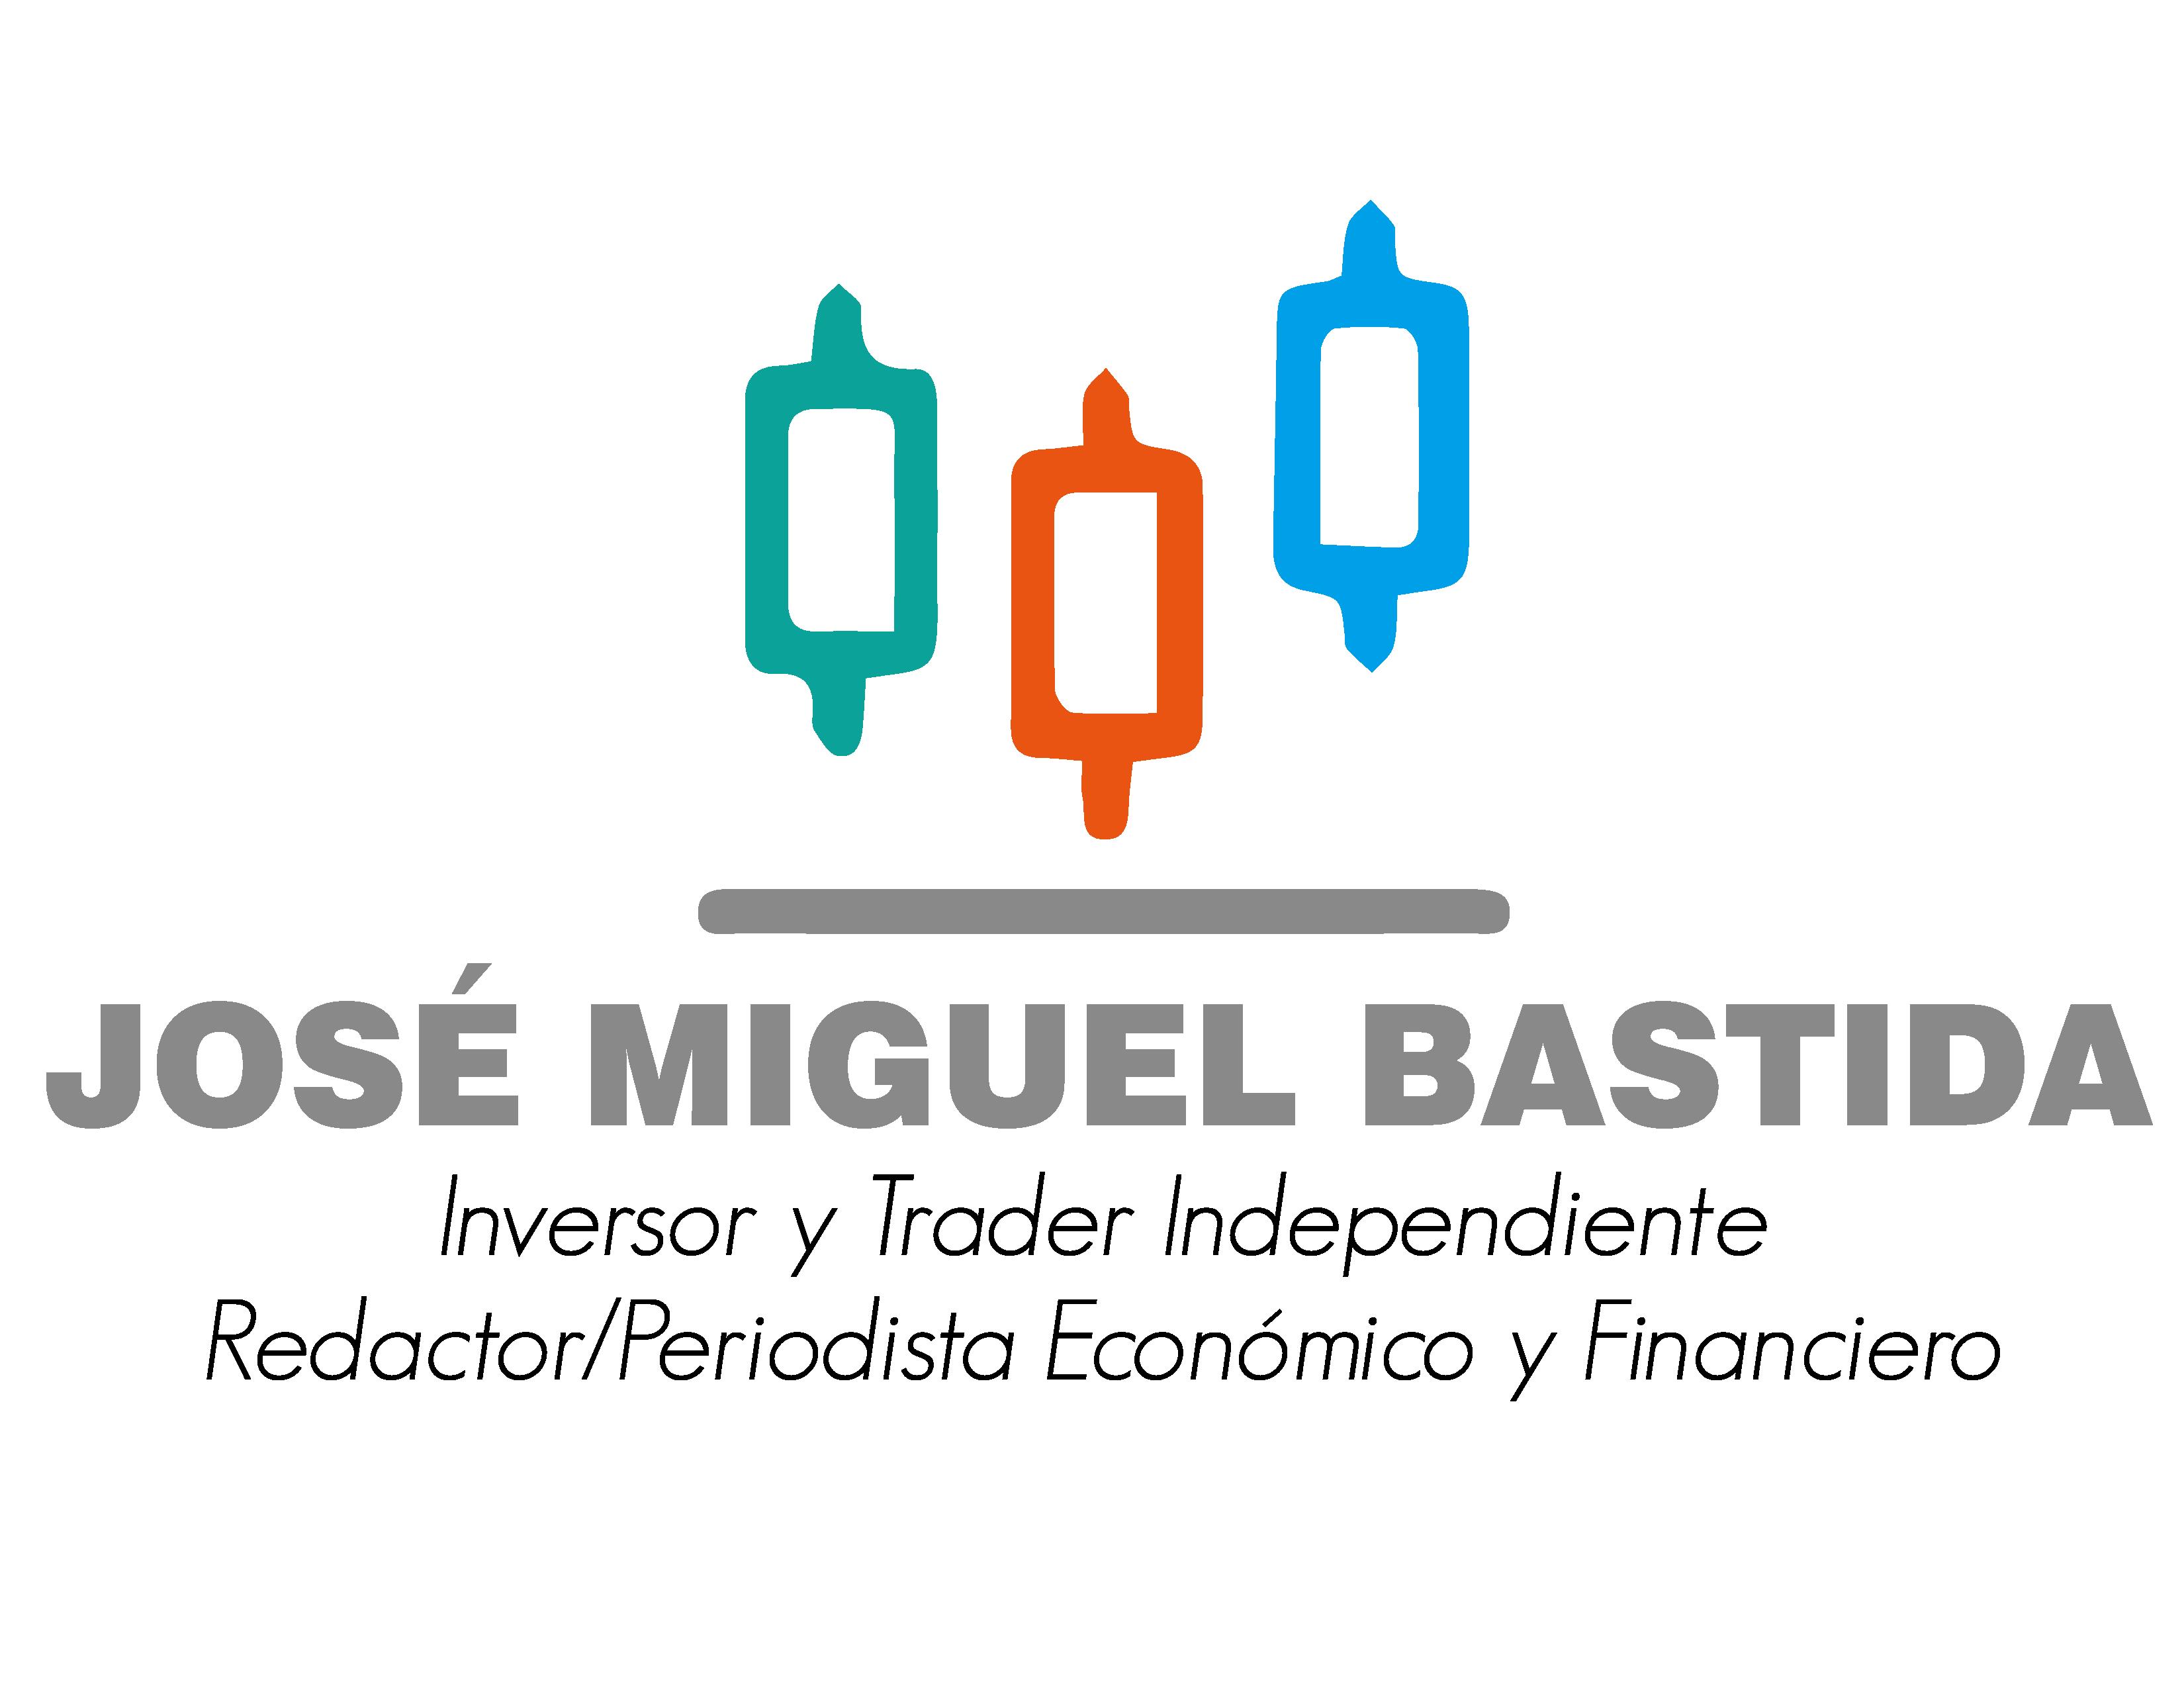 José Miguel Bastida España